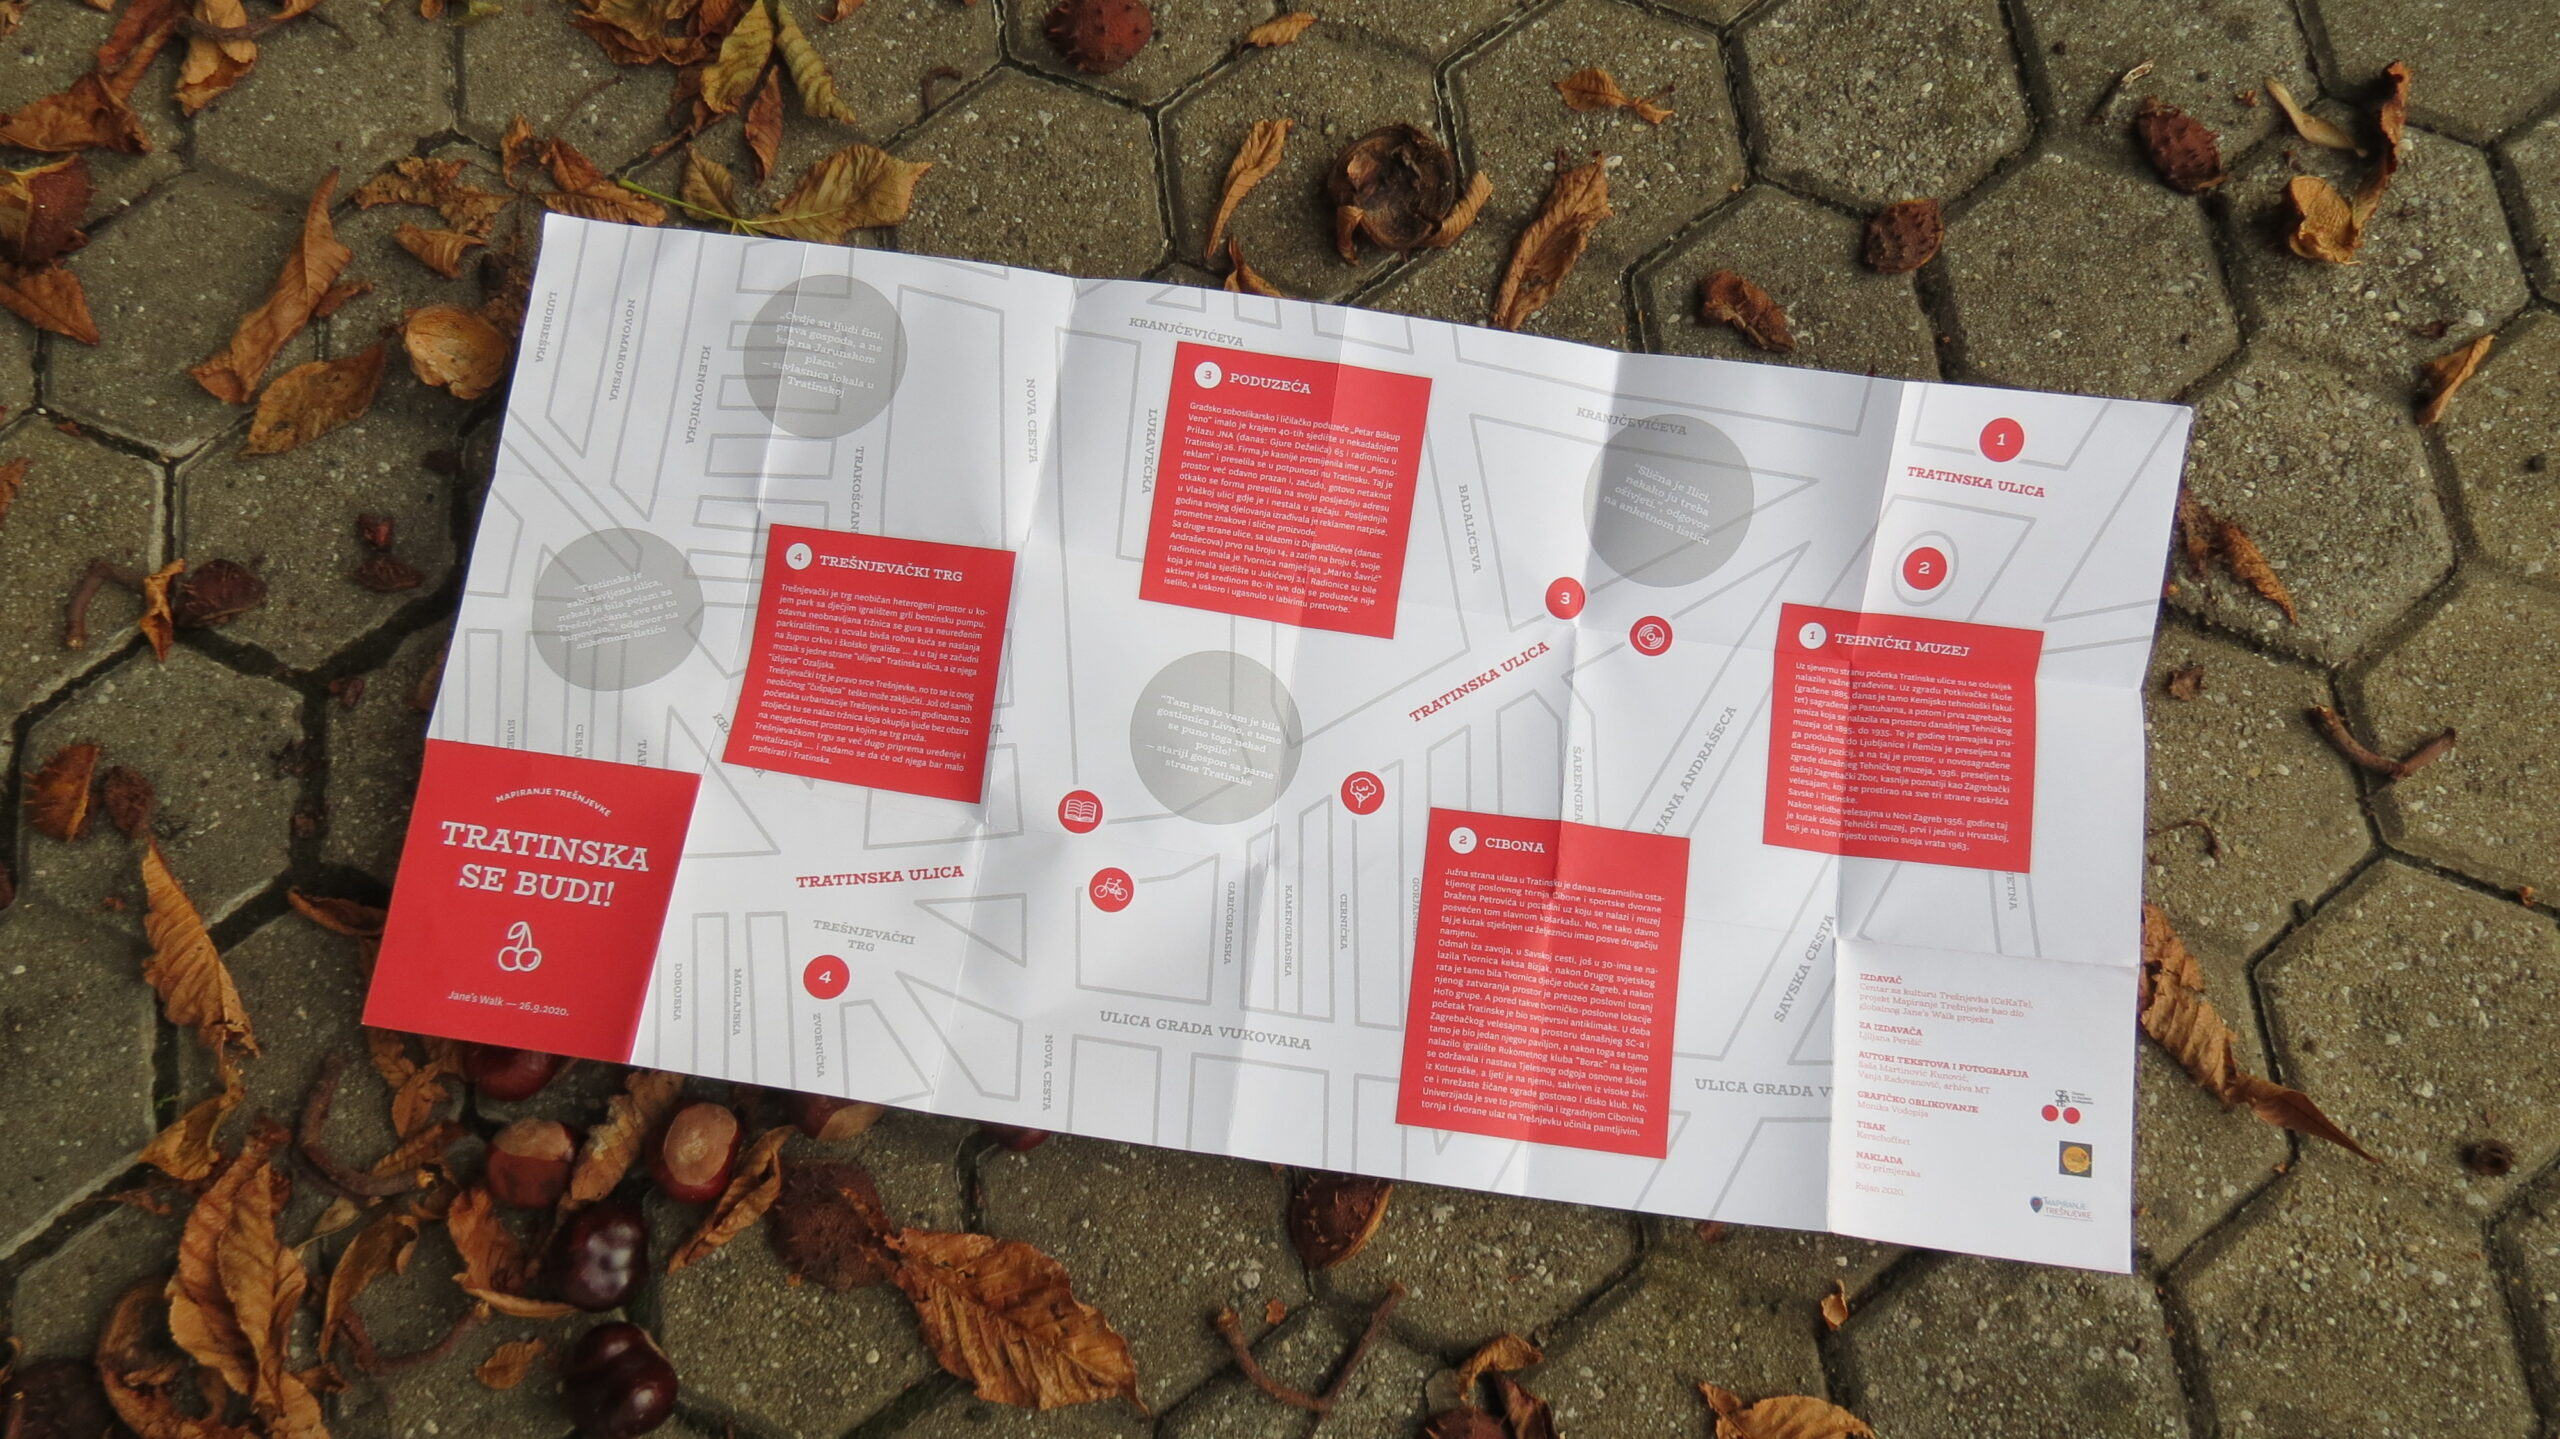 Karta Tratinske ulice sa prigodnim tekstovima posvećenim ulici, izrađena povodom akcije